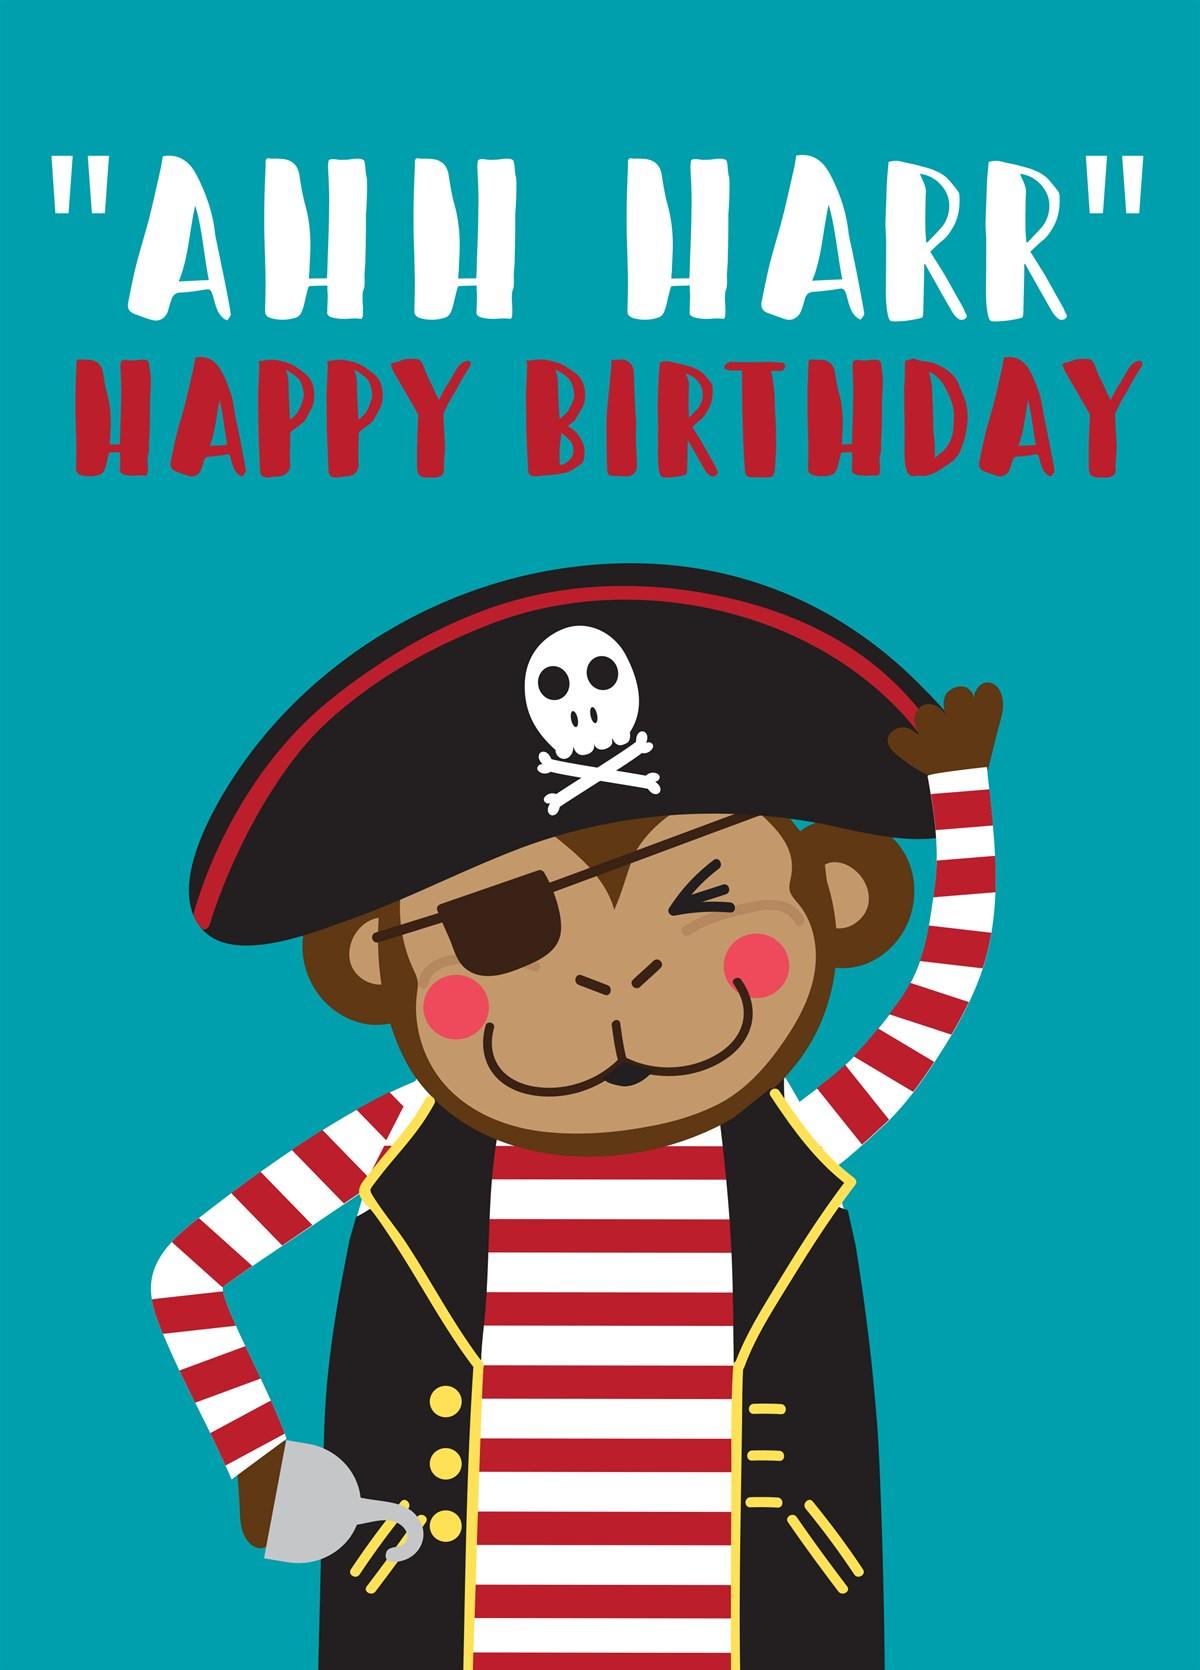 Happy Birthday Monkey Pirate